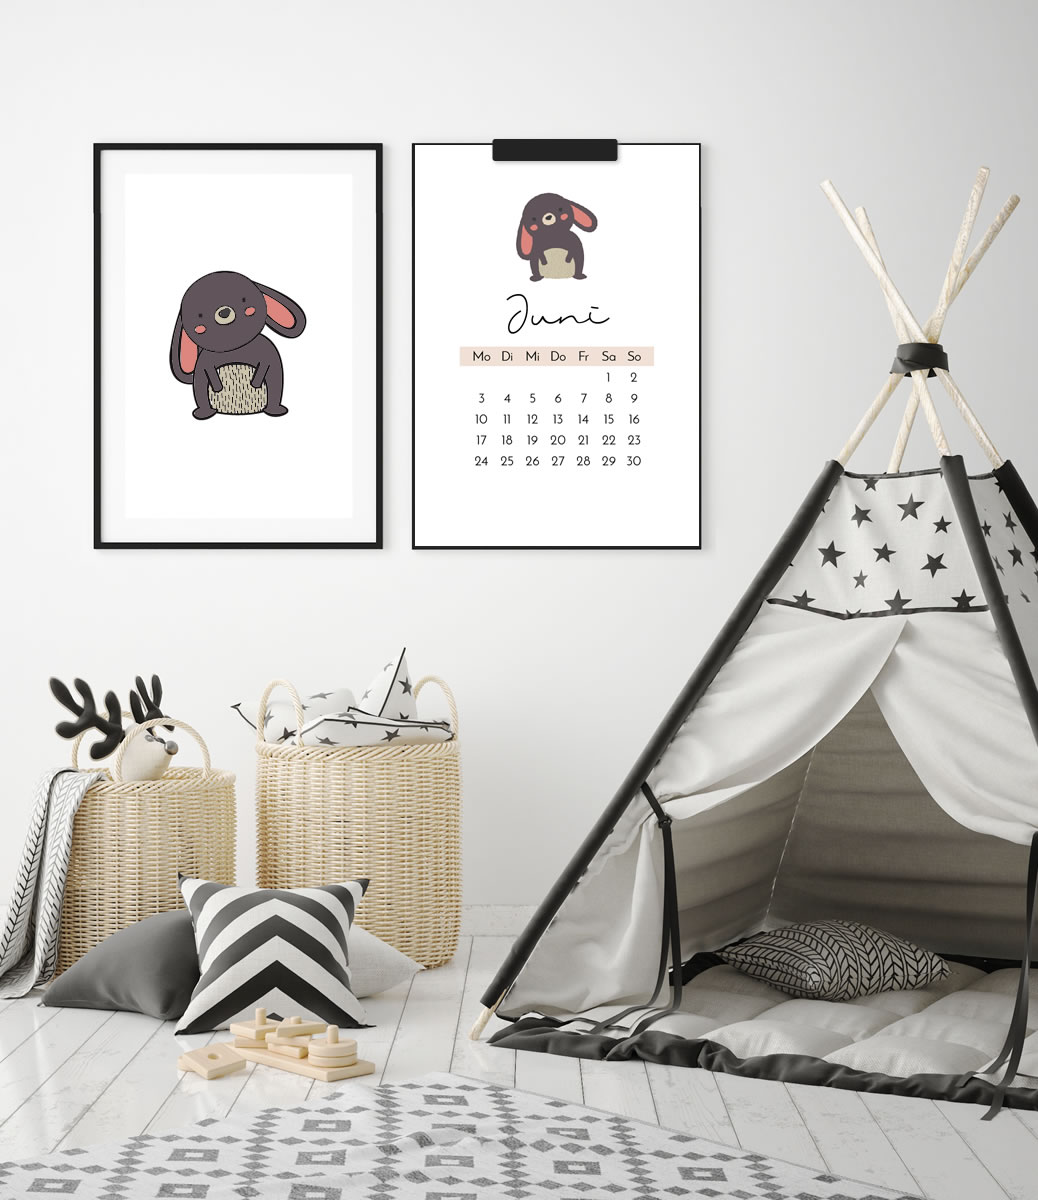 """Kinder-Kalender 2019 """"Waldtiere"""" + 12 Ausmalbilder zum Ausdrucken   Schöne Deko für's Kinderzimmer & tolle DIY Geschenkidee!   Filizity.com   Interior- & DIY-Blog und Shop #kalender #2019 #download #printable"""